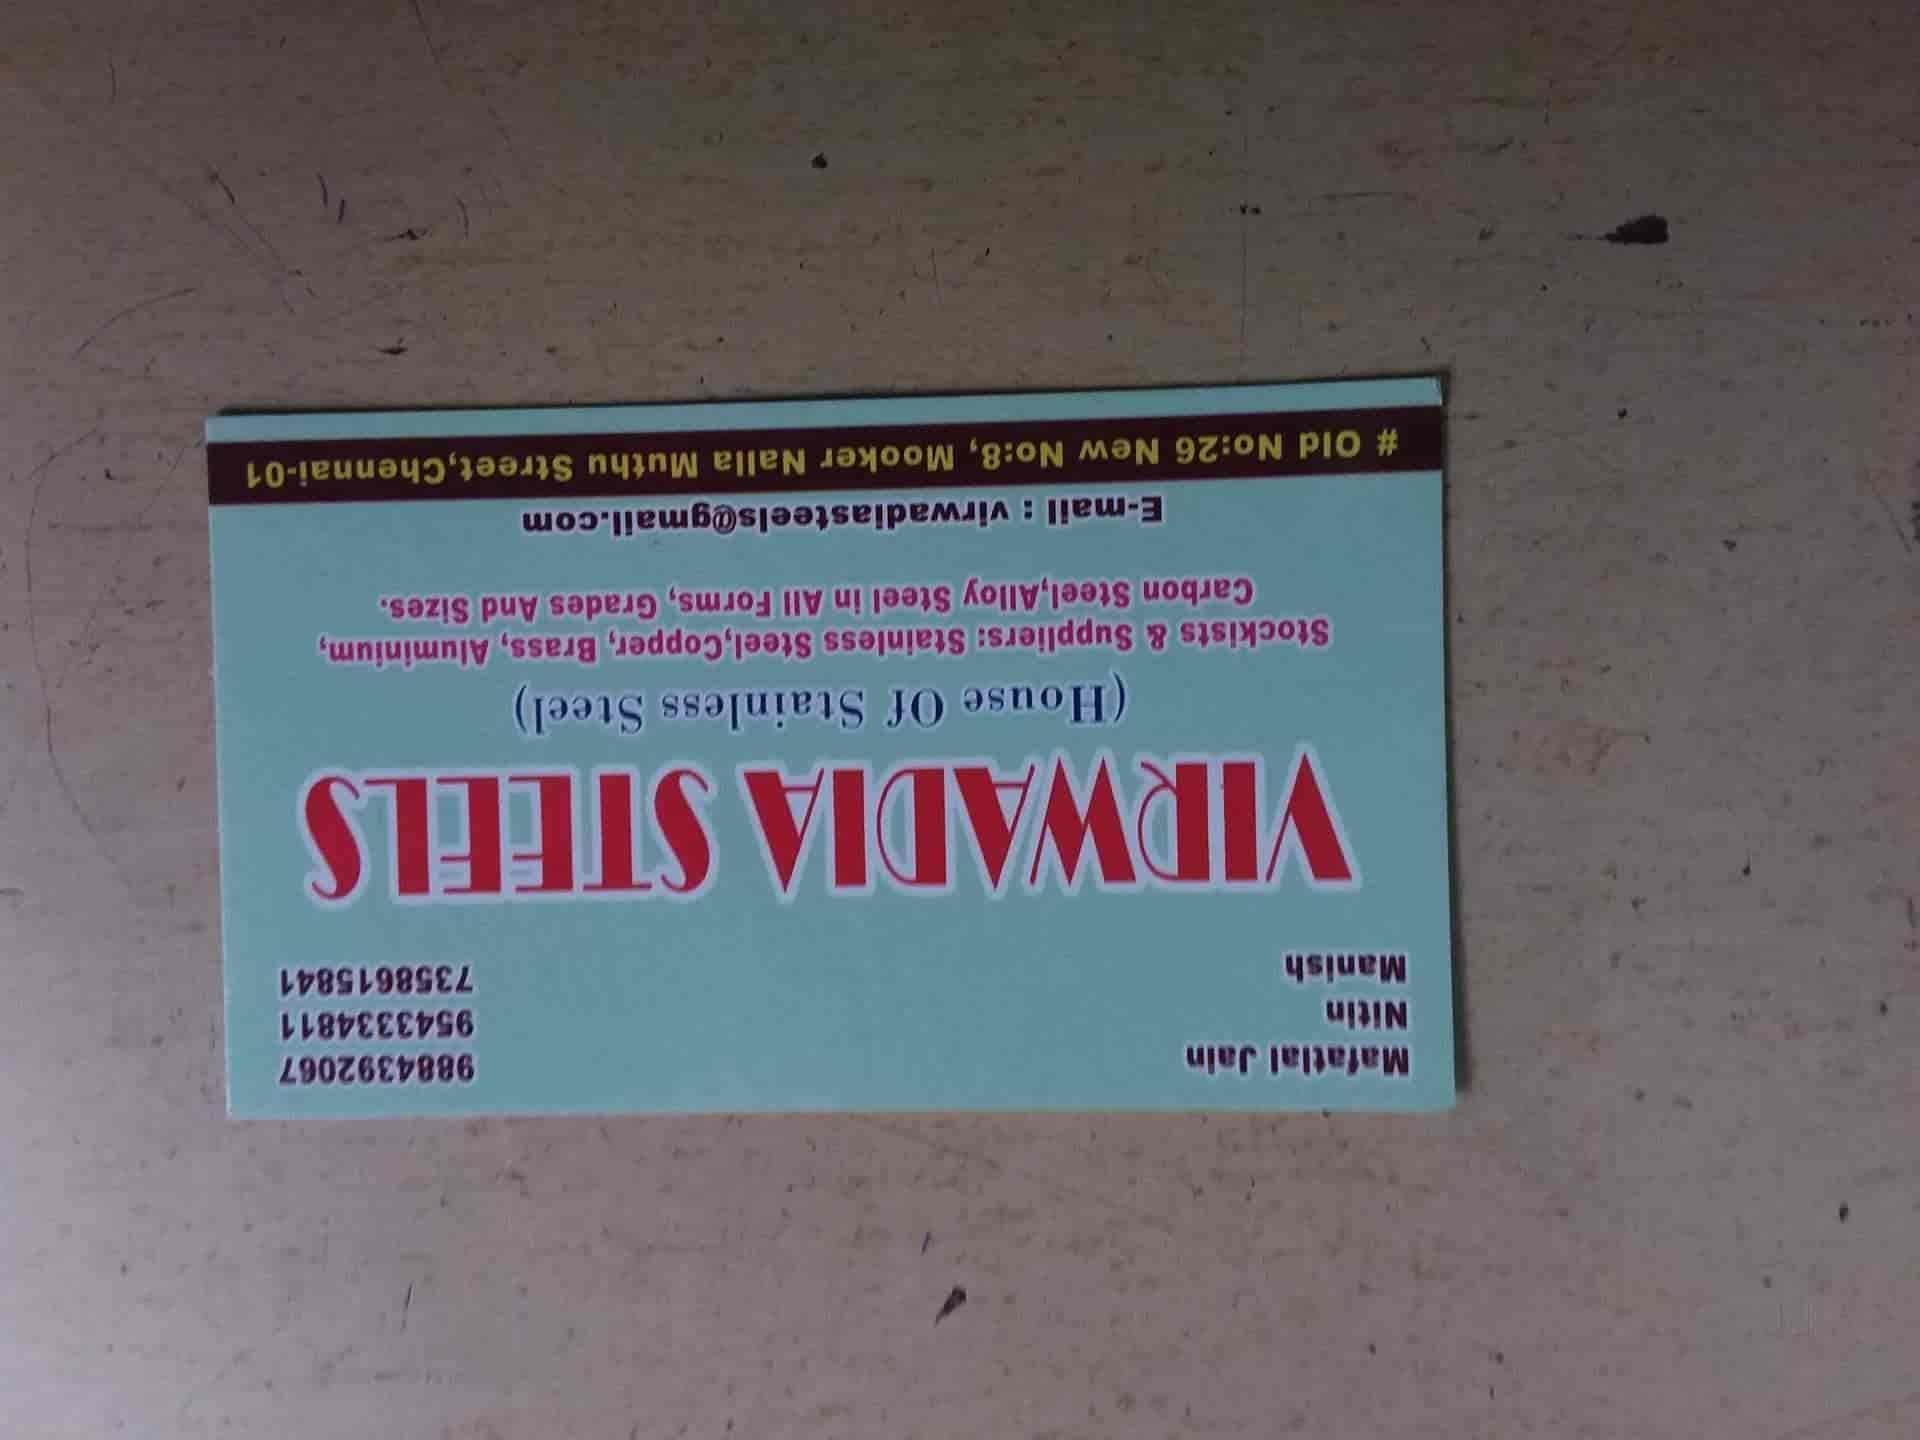 Virwadia Steel, Parrys - Pipe Dealers in Chennai - Justdial